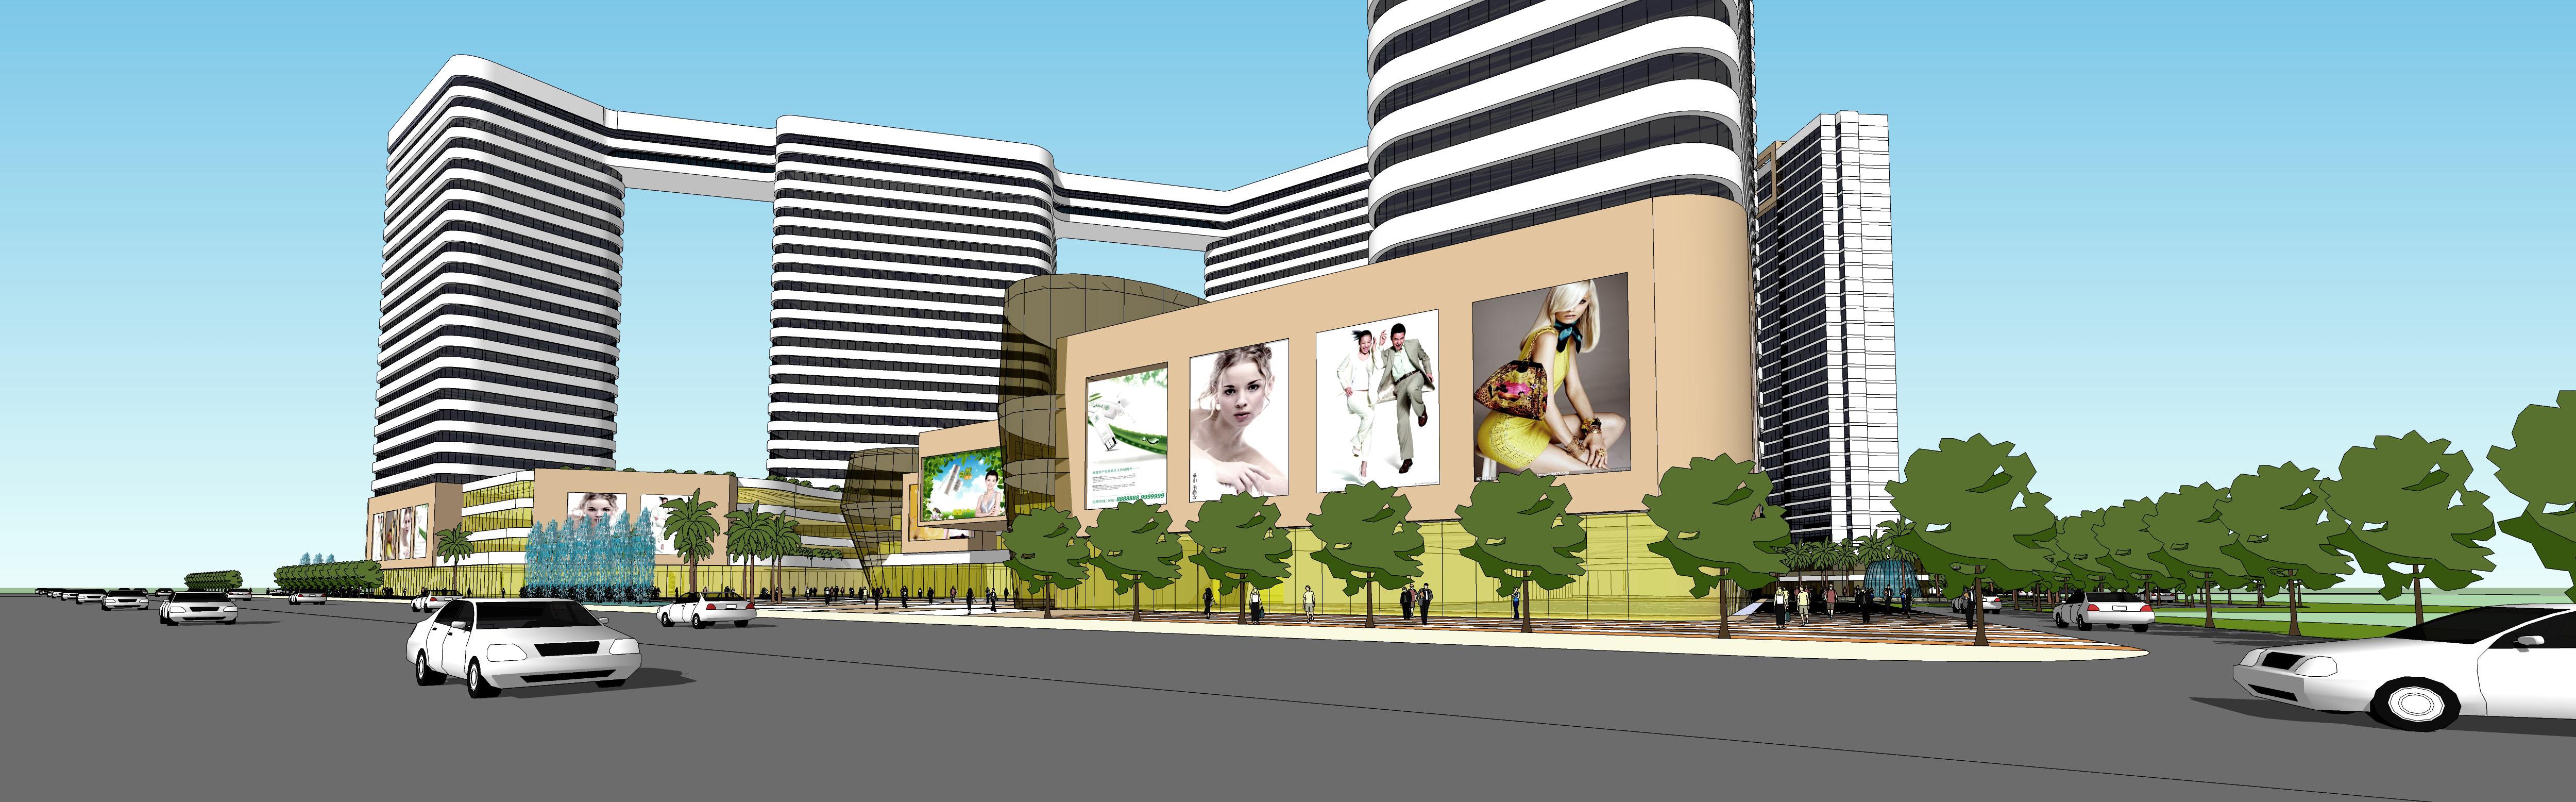 一 前期策划 1.本城市综合体方案中包含大型商业(shoppingmall)、酒店(五星级酒店和商务酒店)、甲级写字楼、SOHO公寓、住宅以及配套公建项目 2.shoppingmall:包含有百货商场、精品店街、各主力店(比如运动100、KTV、酒楼、电影院等)、超市,该部分建筑甲方可大量自持 3.